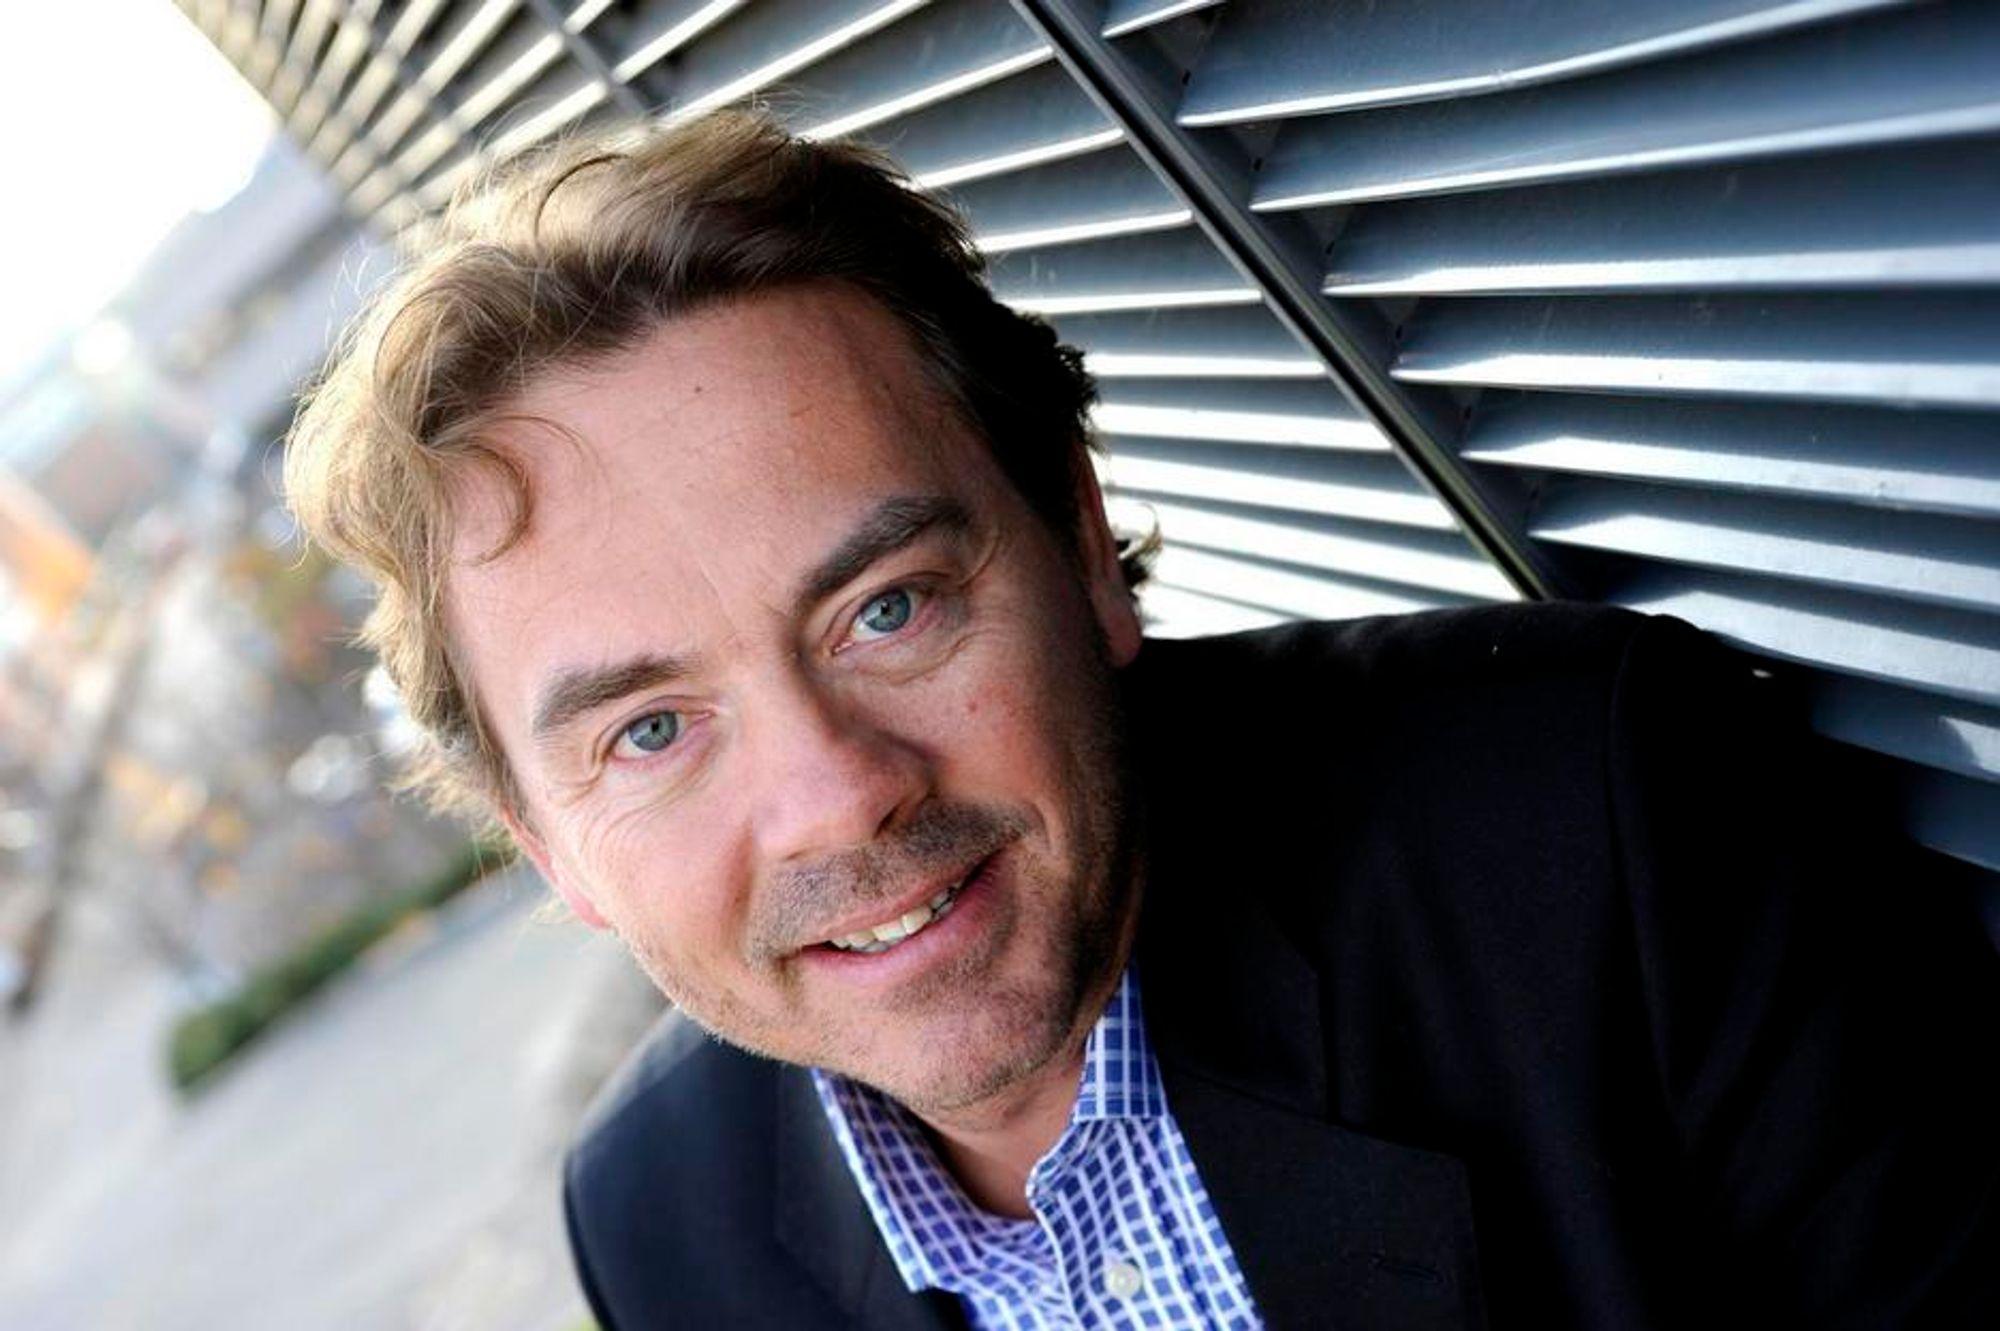 Salgs- og markedsdirektør Terje Kaasa,  Agresso AS.